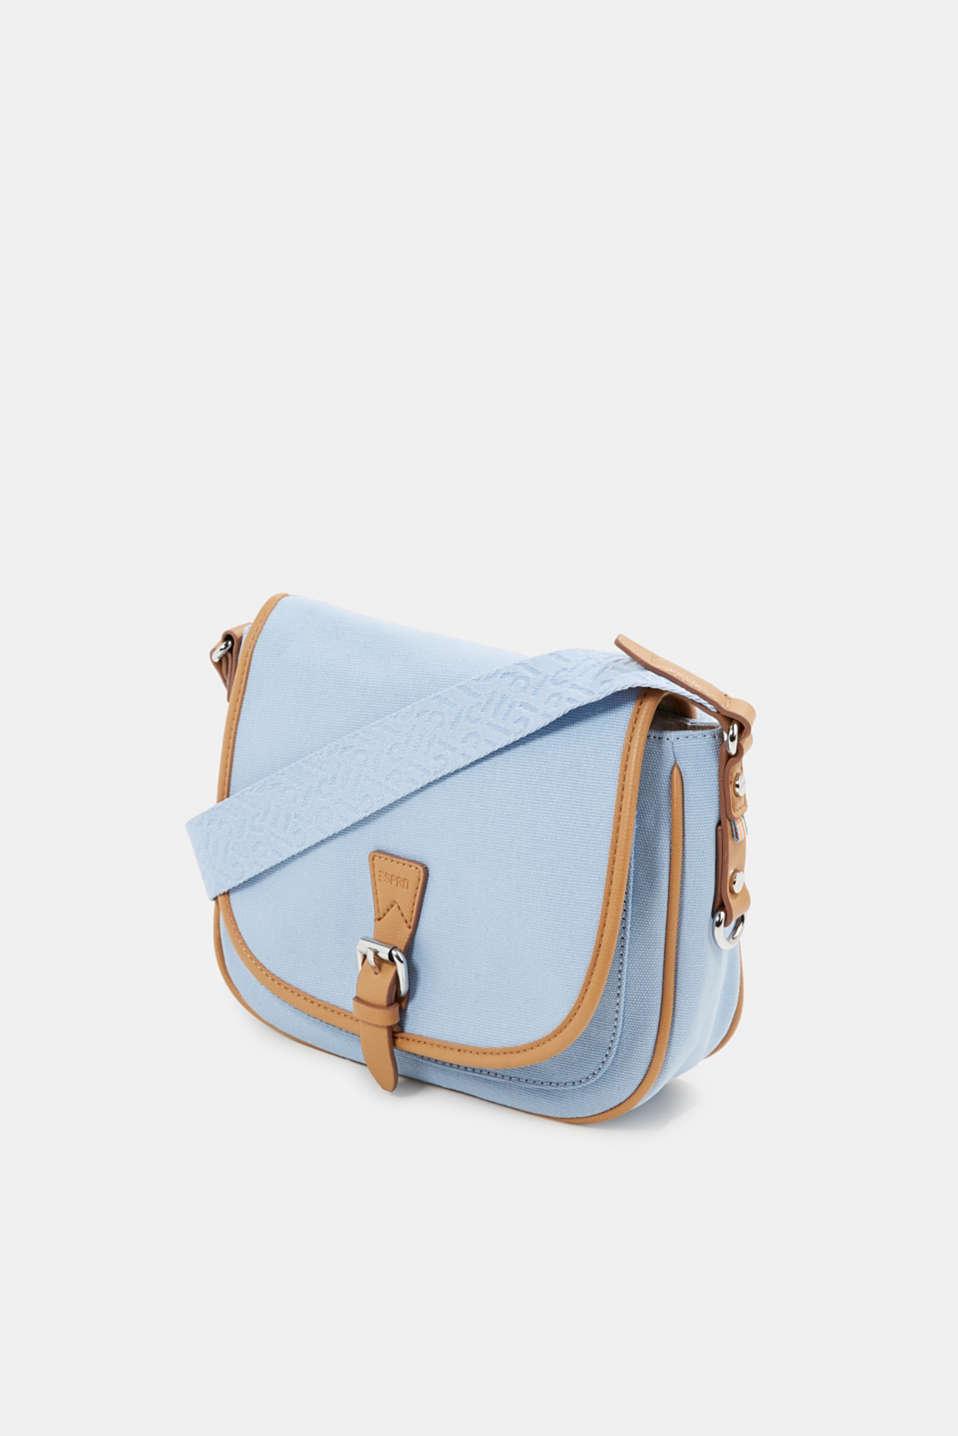 Susie T. shoulder bag, LIGHT BLUE, detail image number 2